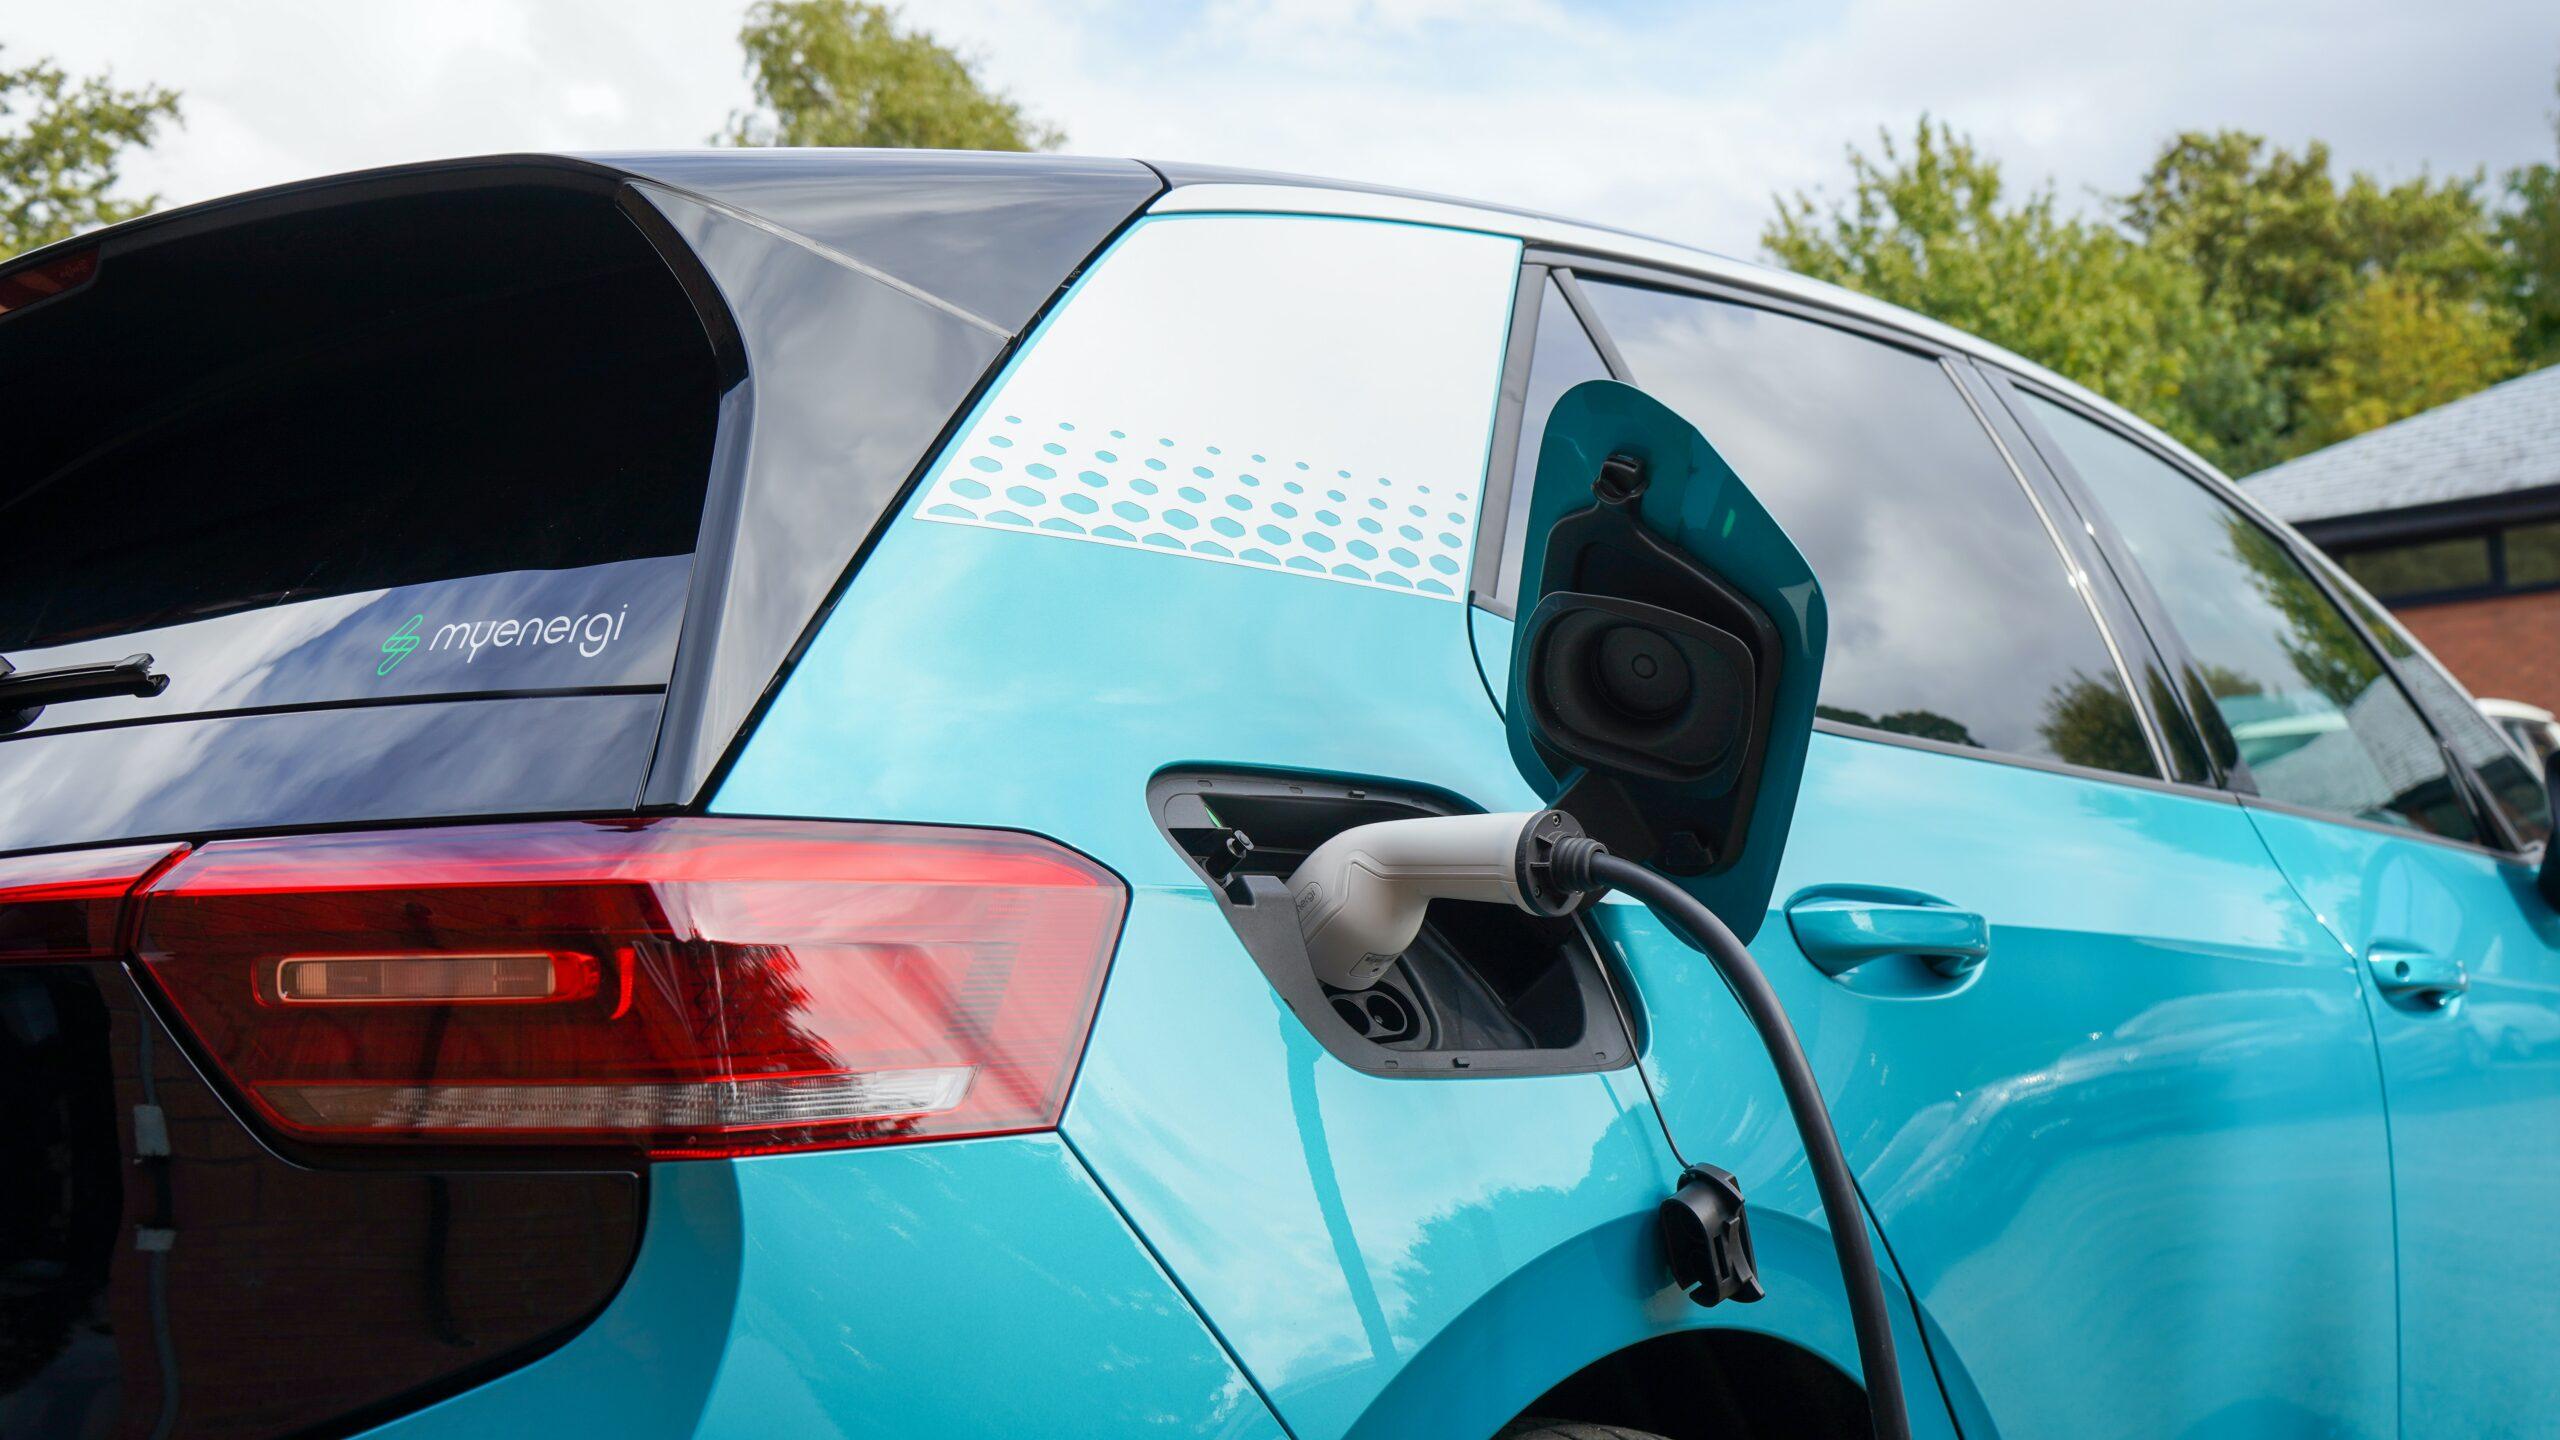 Importateur Volkswagen Occasion Allemagne - Carcelle.com - Voiture électrique